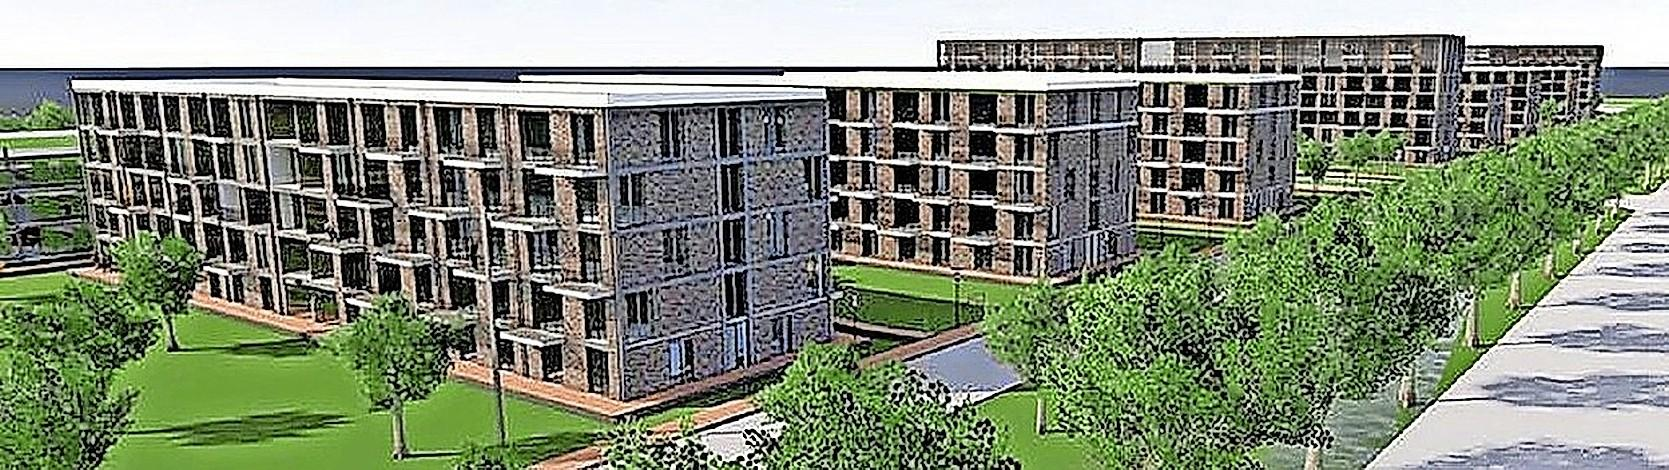 B en W Haarlemmermeer: 'Tijdelijke huizen zijn geen oplossing woningnood'